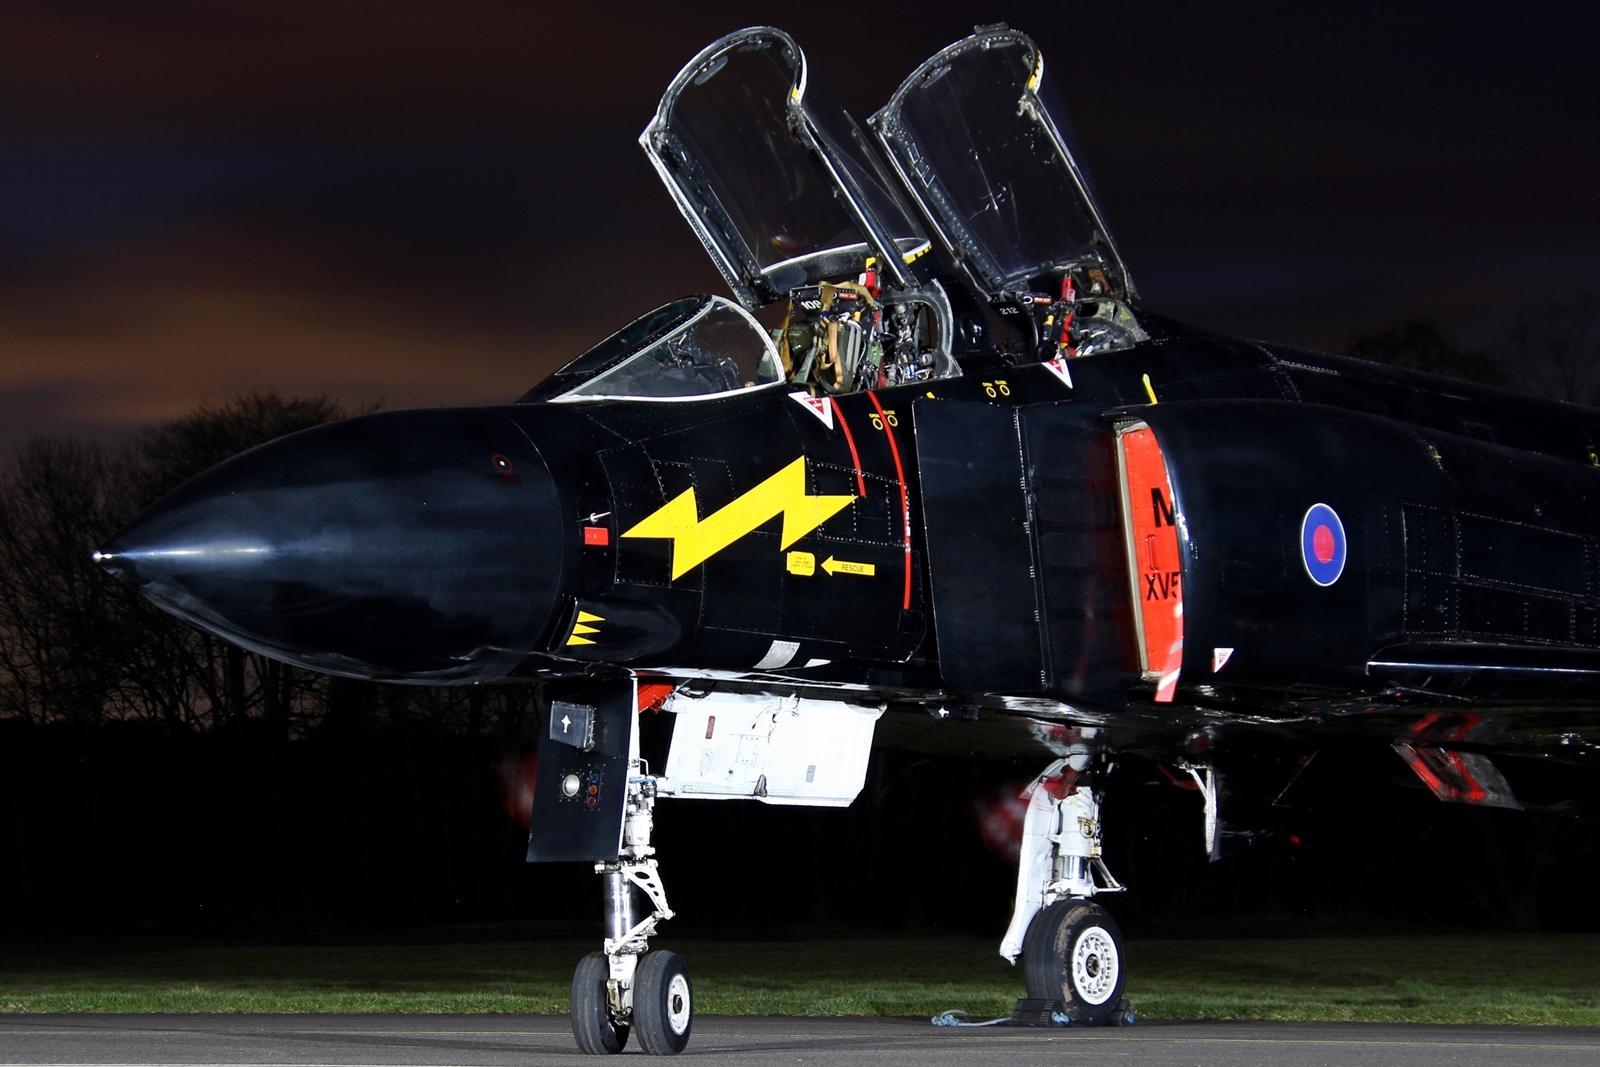 © Jamie Ewan - McDonnell Douglas F-4 Phantom FG.1 XV582 'Blackmike' - RAF Cosford Nightshoot